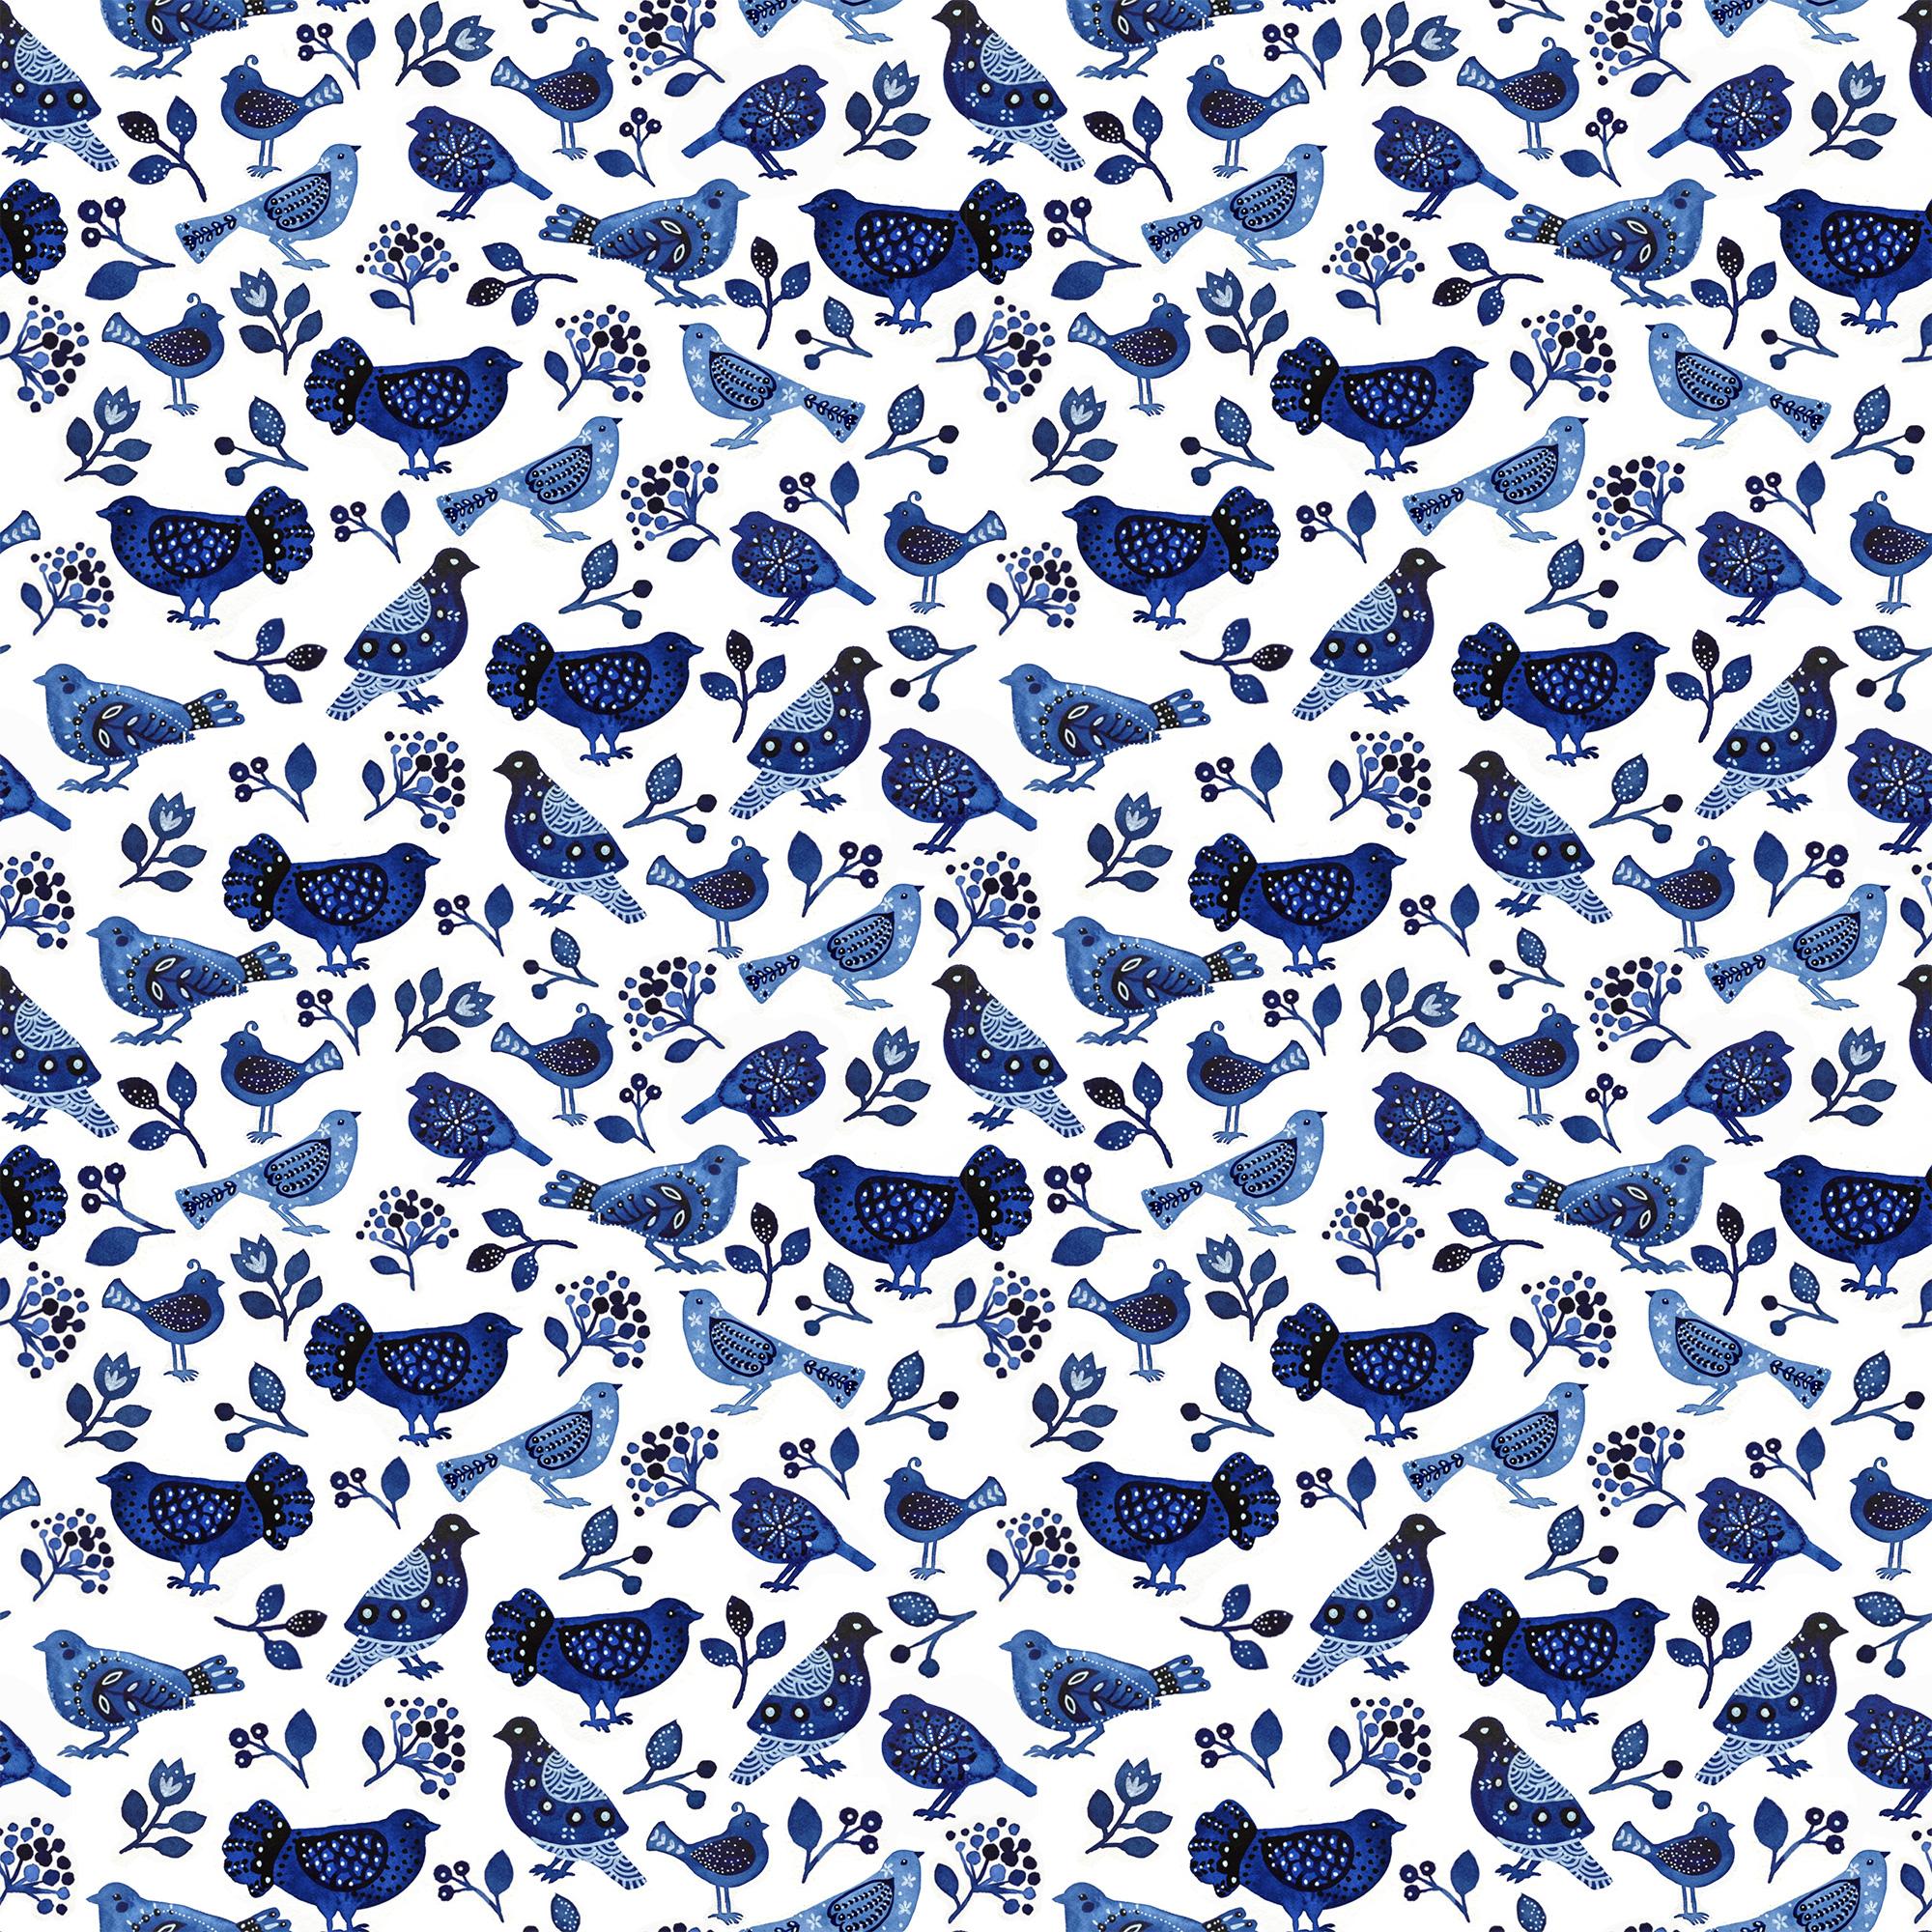 Birds-pattern-4times.jpg